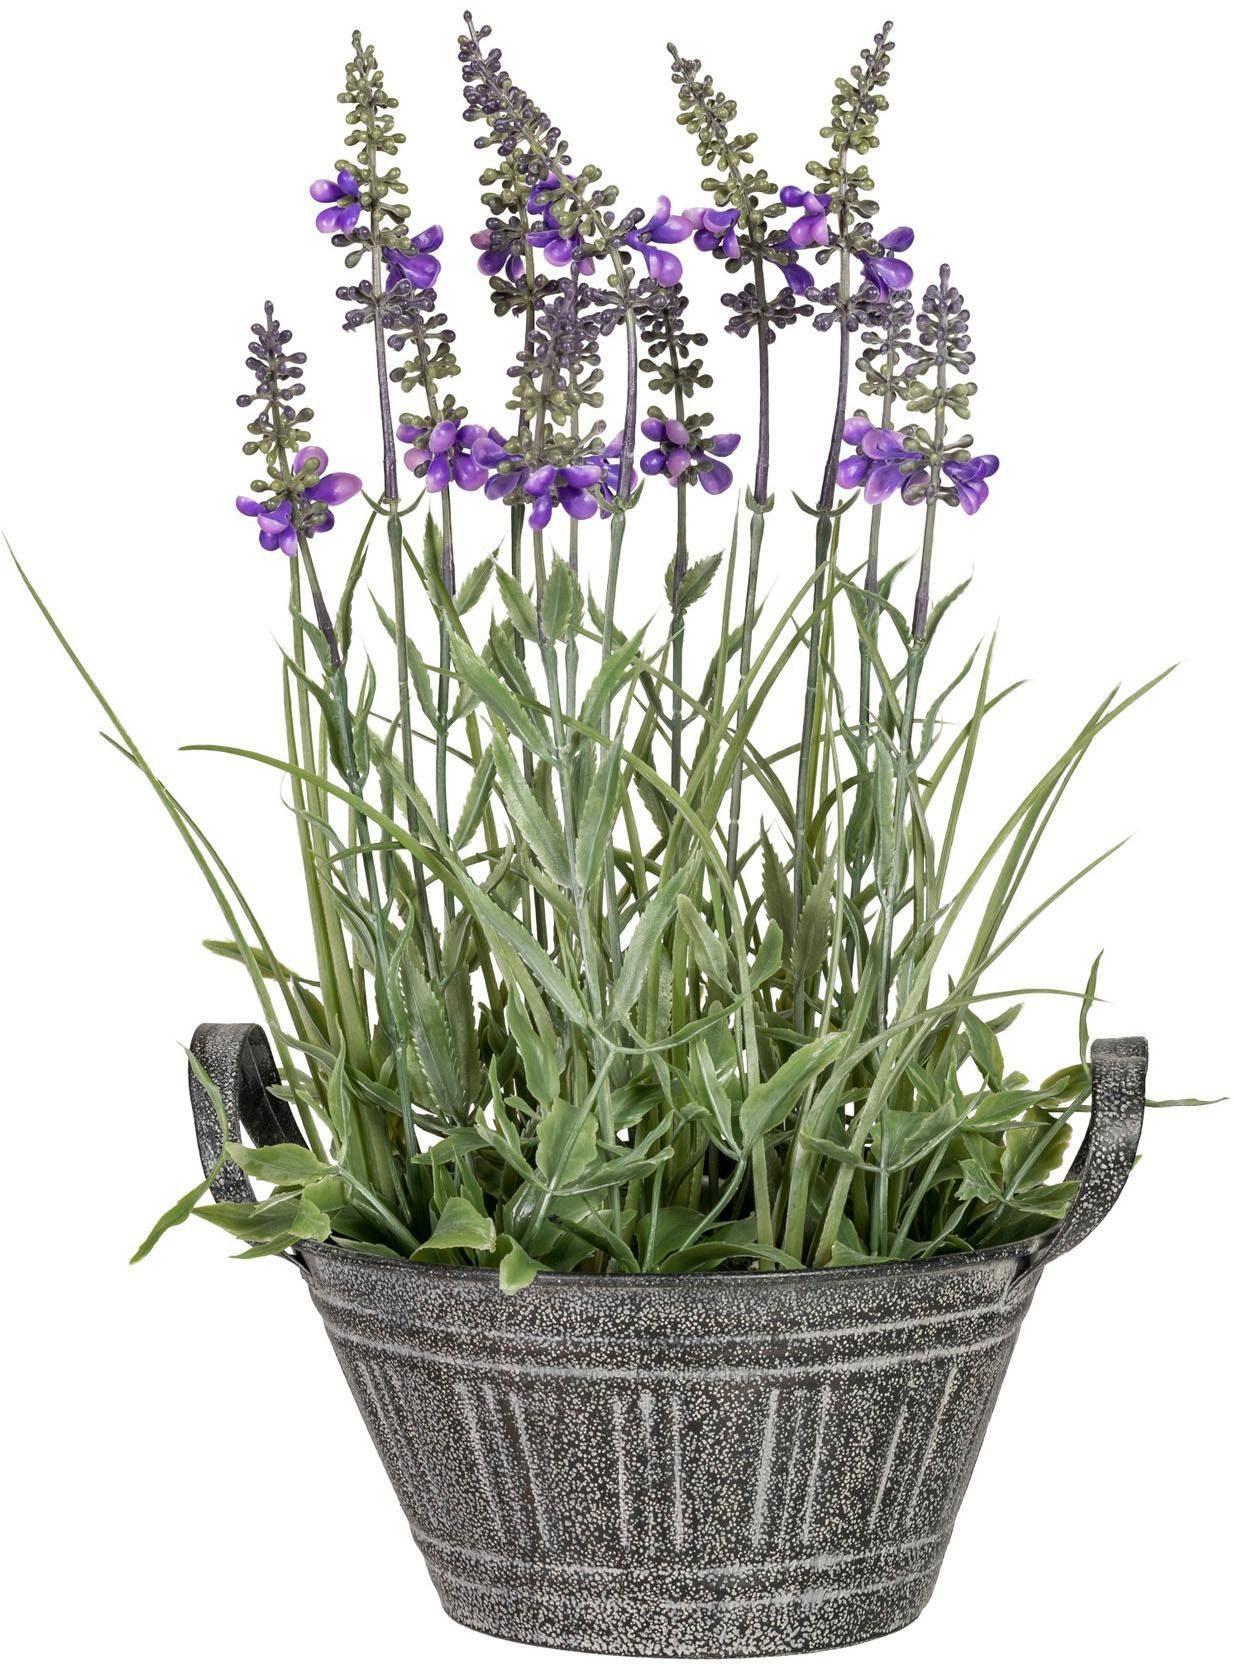 Künstliche Zimmerpflanze »Lavendel« x12, ca. 33 cm